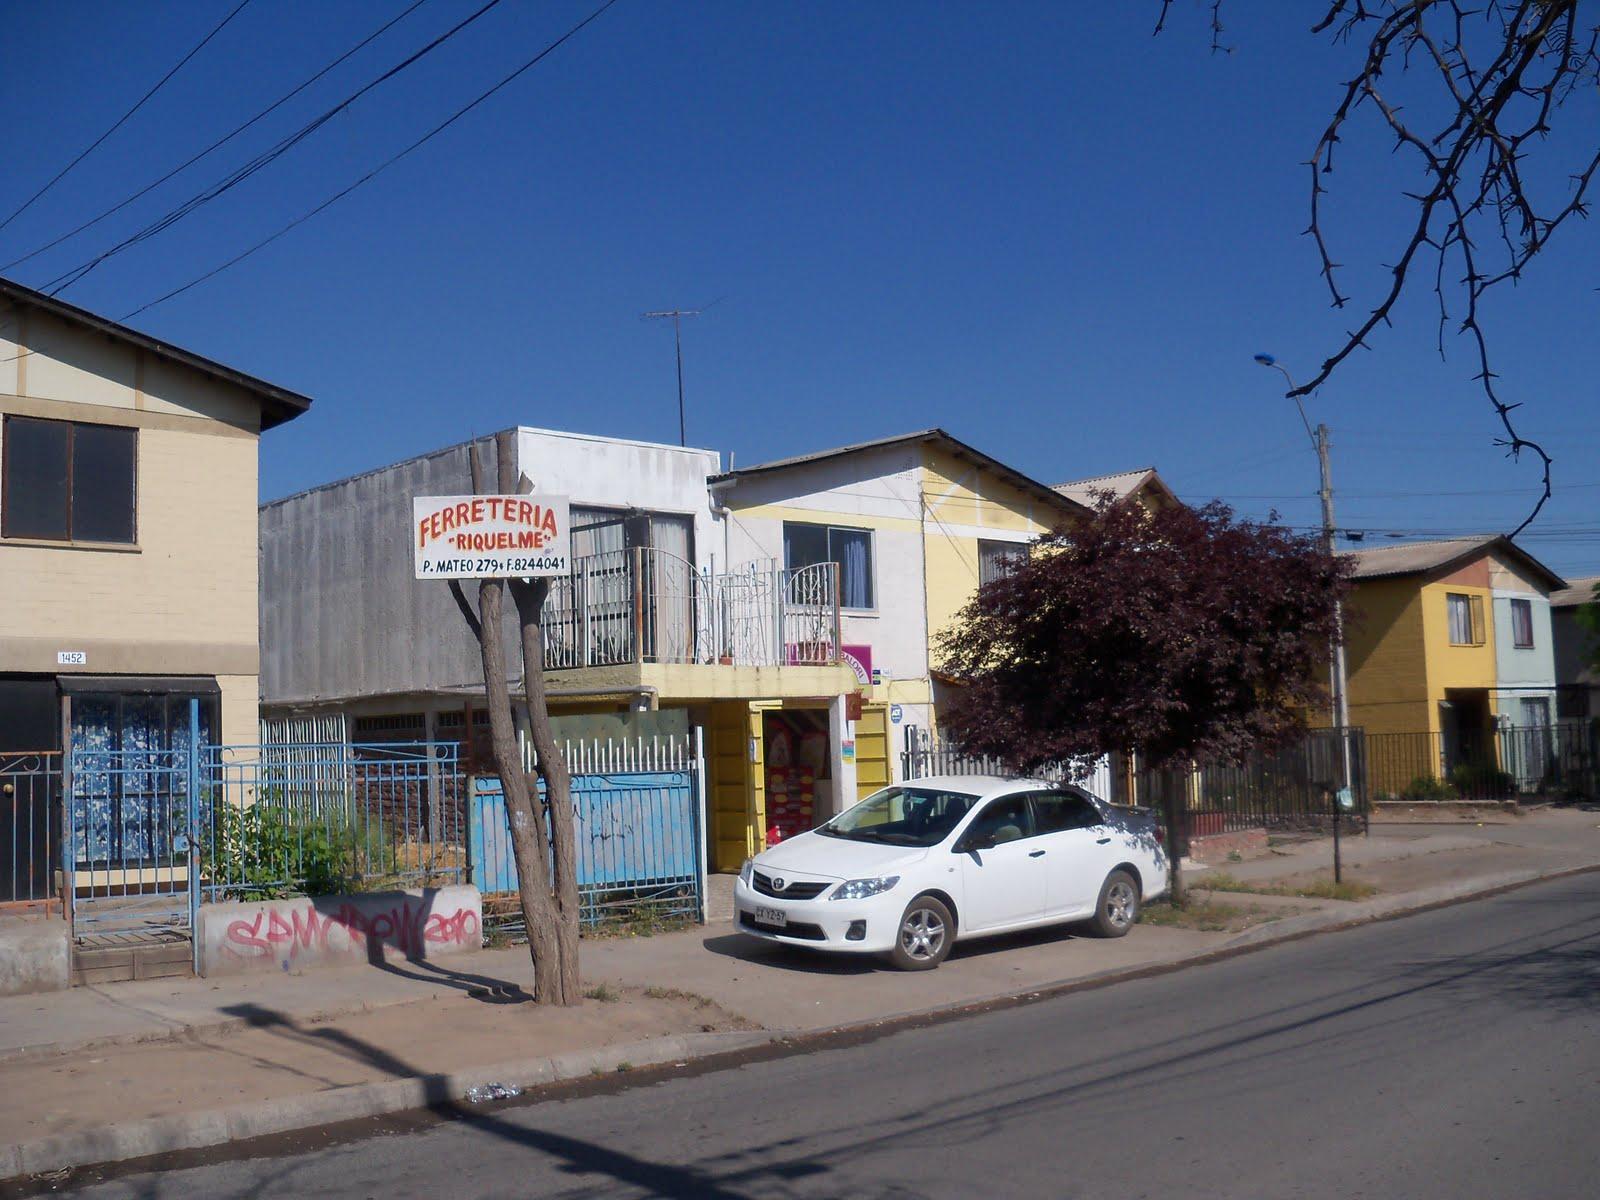 fotos gratis arquitectura calle edificio palacio of